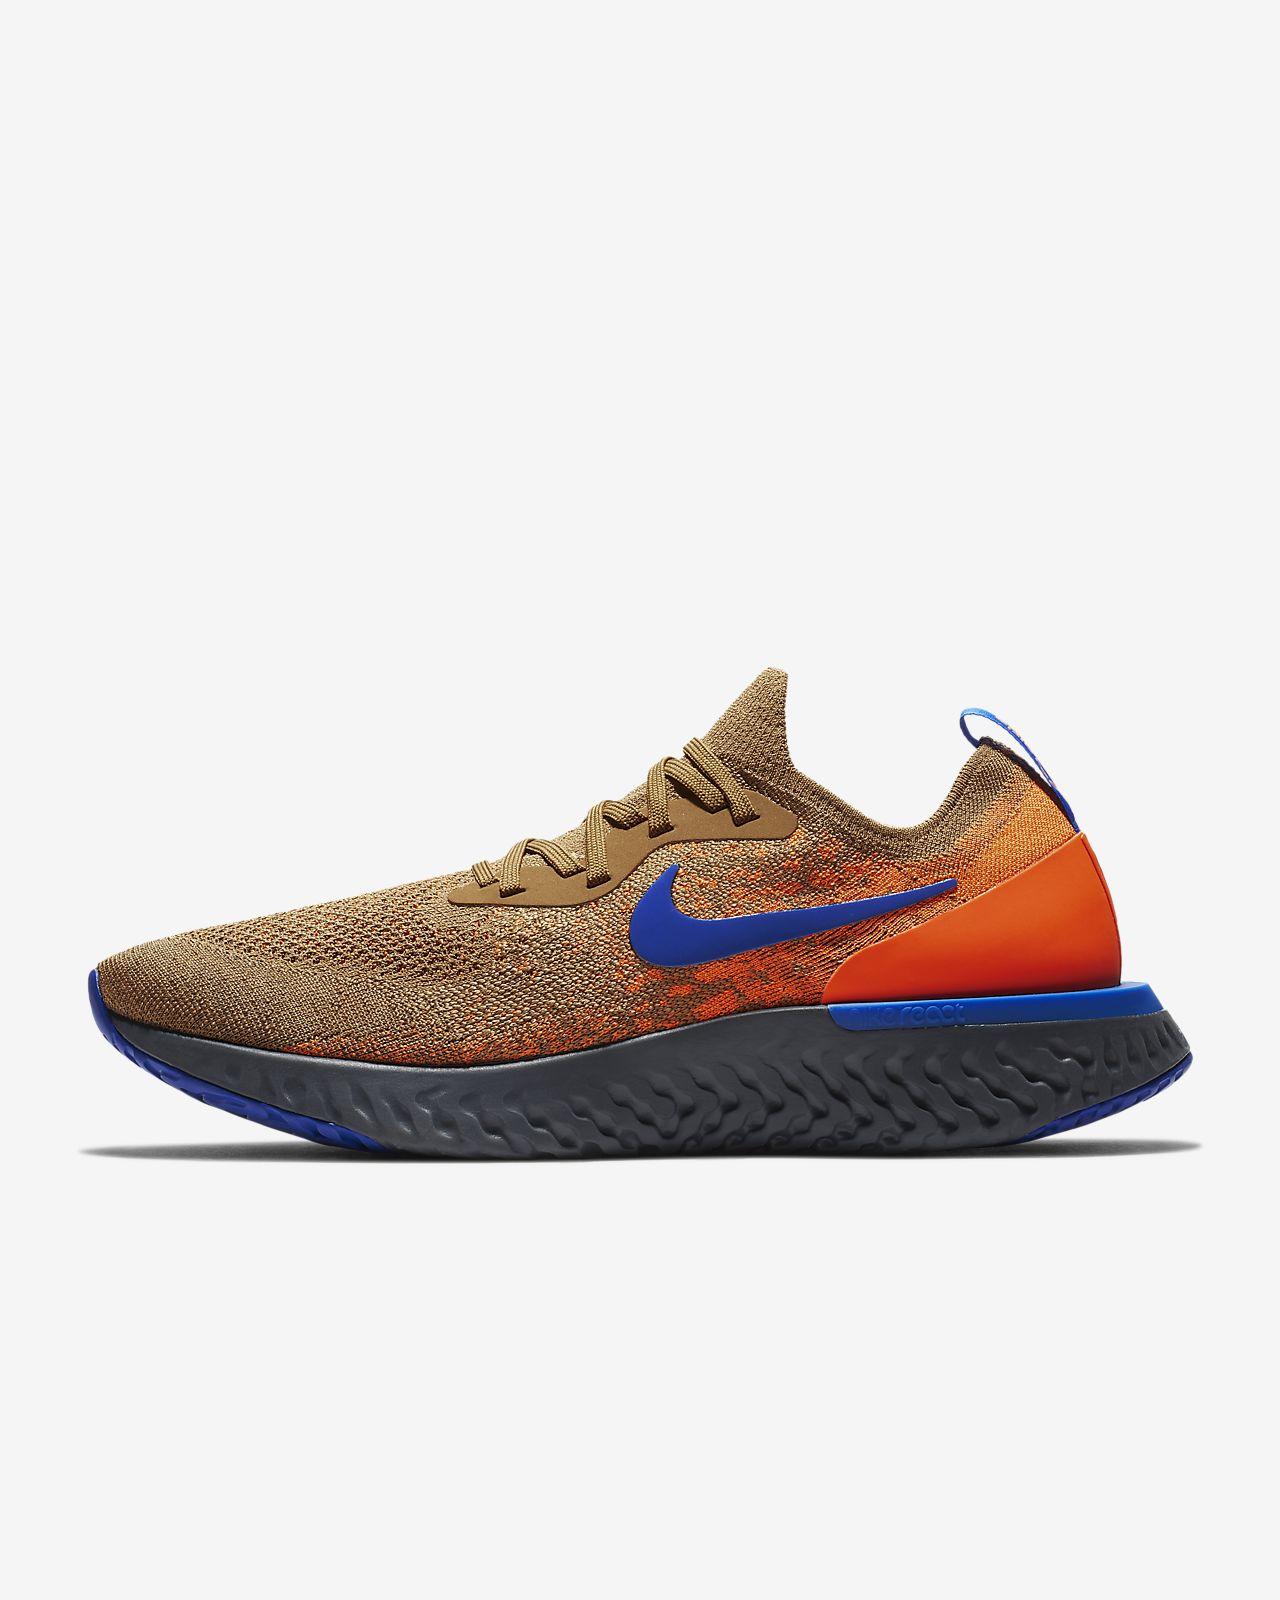 8f3ac84705d Nike Epic React Flyknit 1 Men s Running Shoe. Nike.com